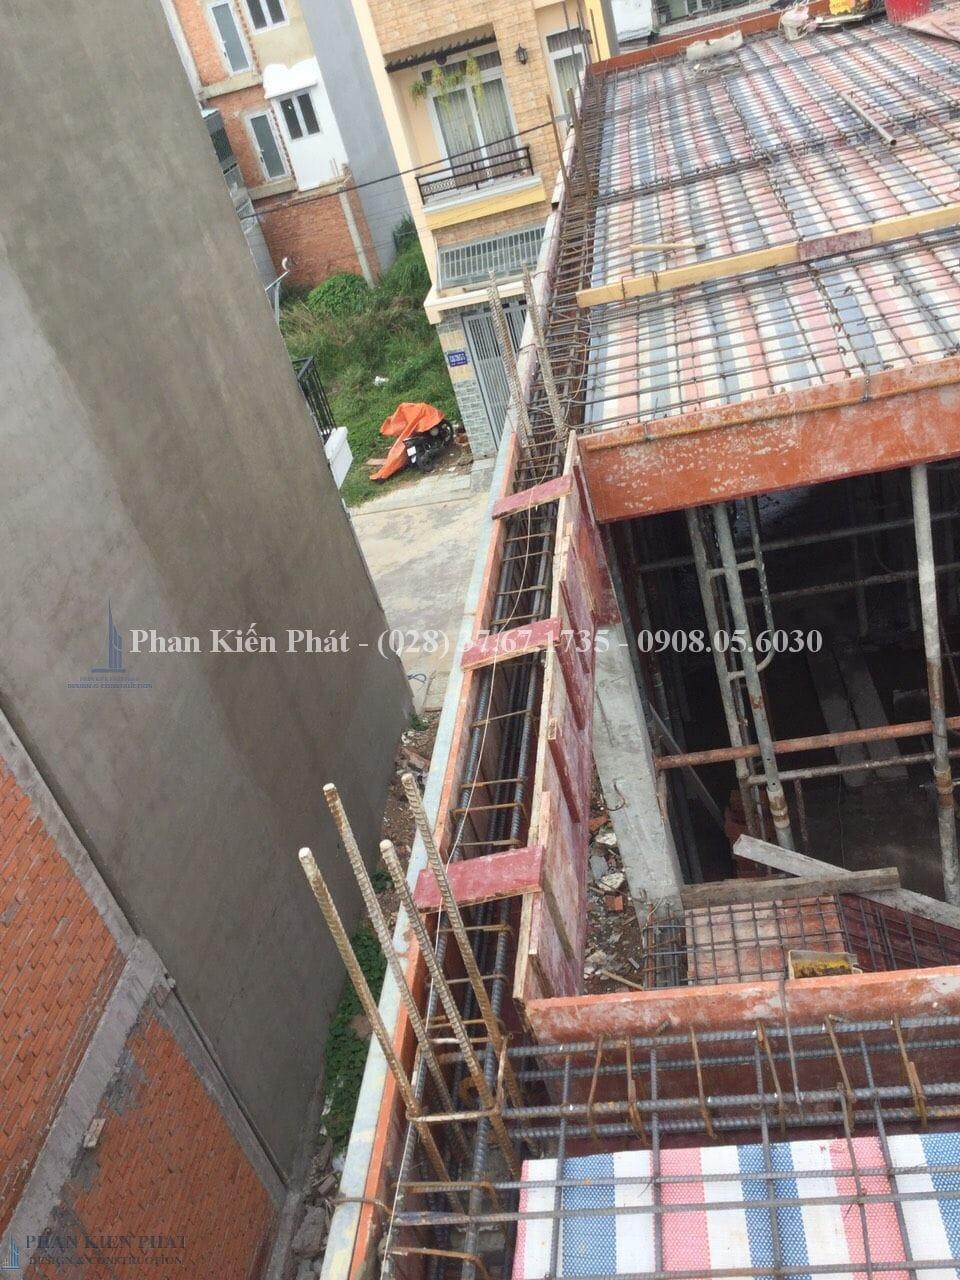 Giai Doan Cong Tac Lap Dung Cot Thep